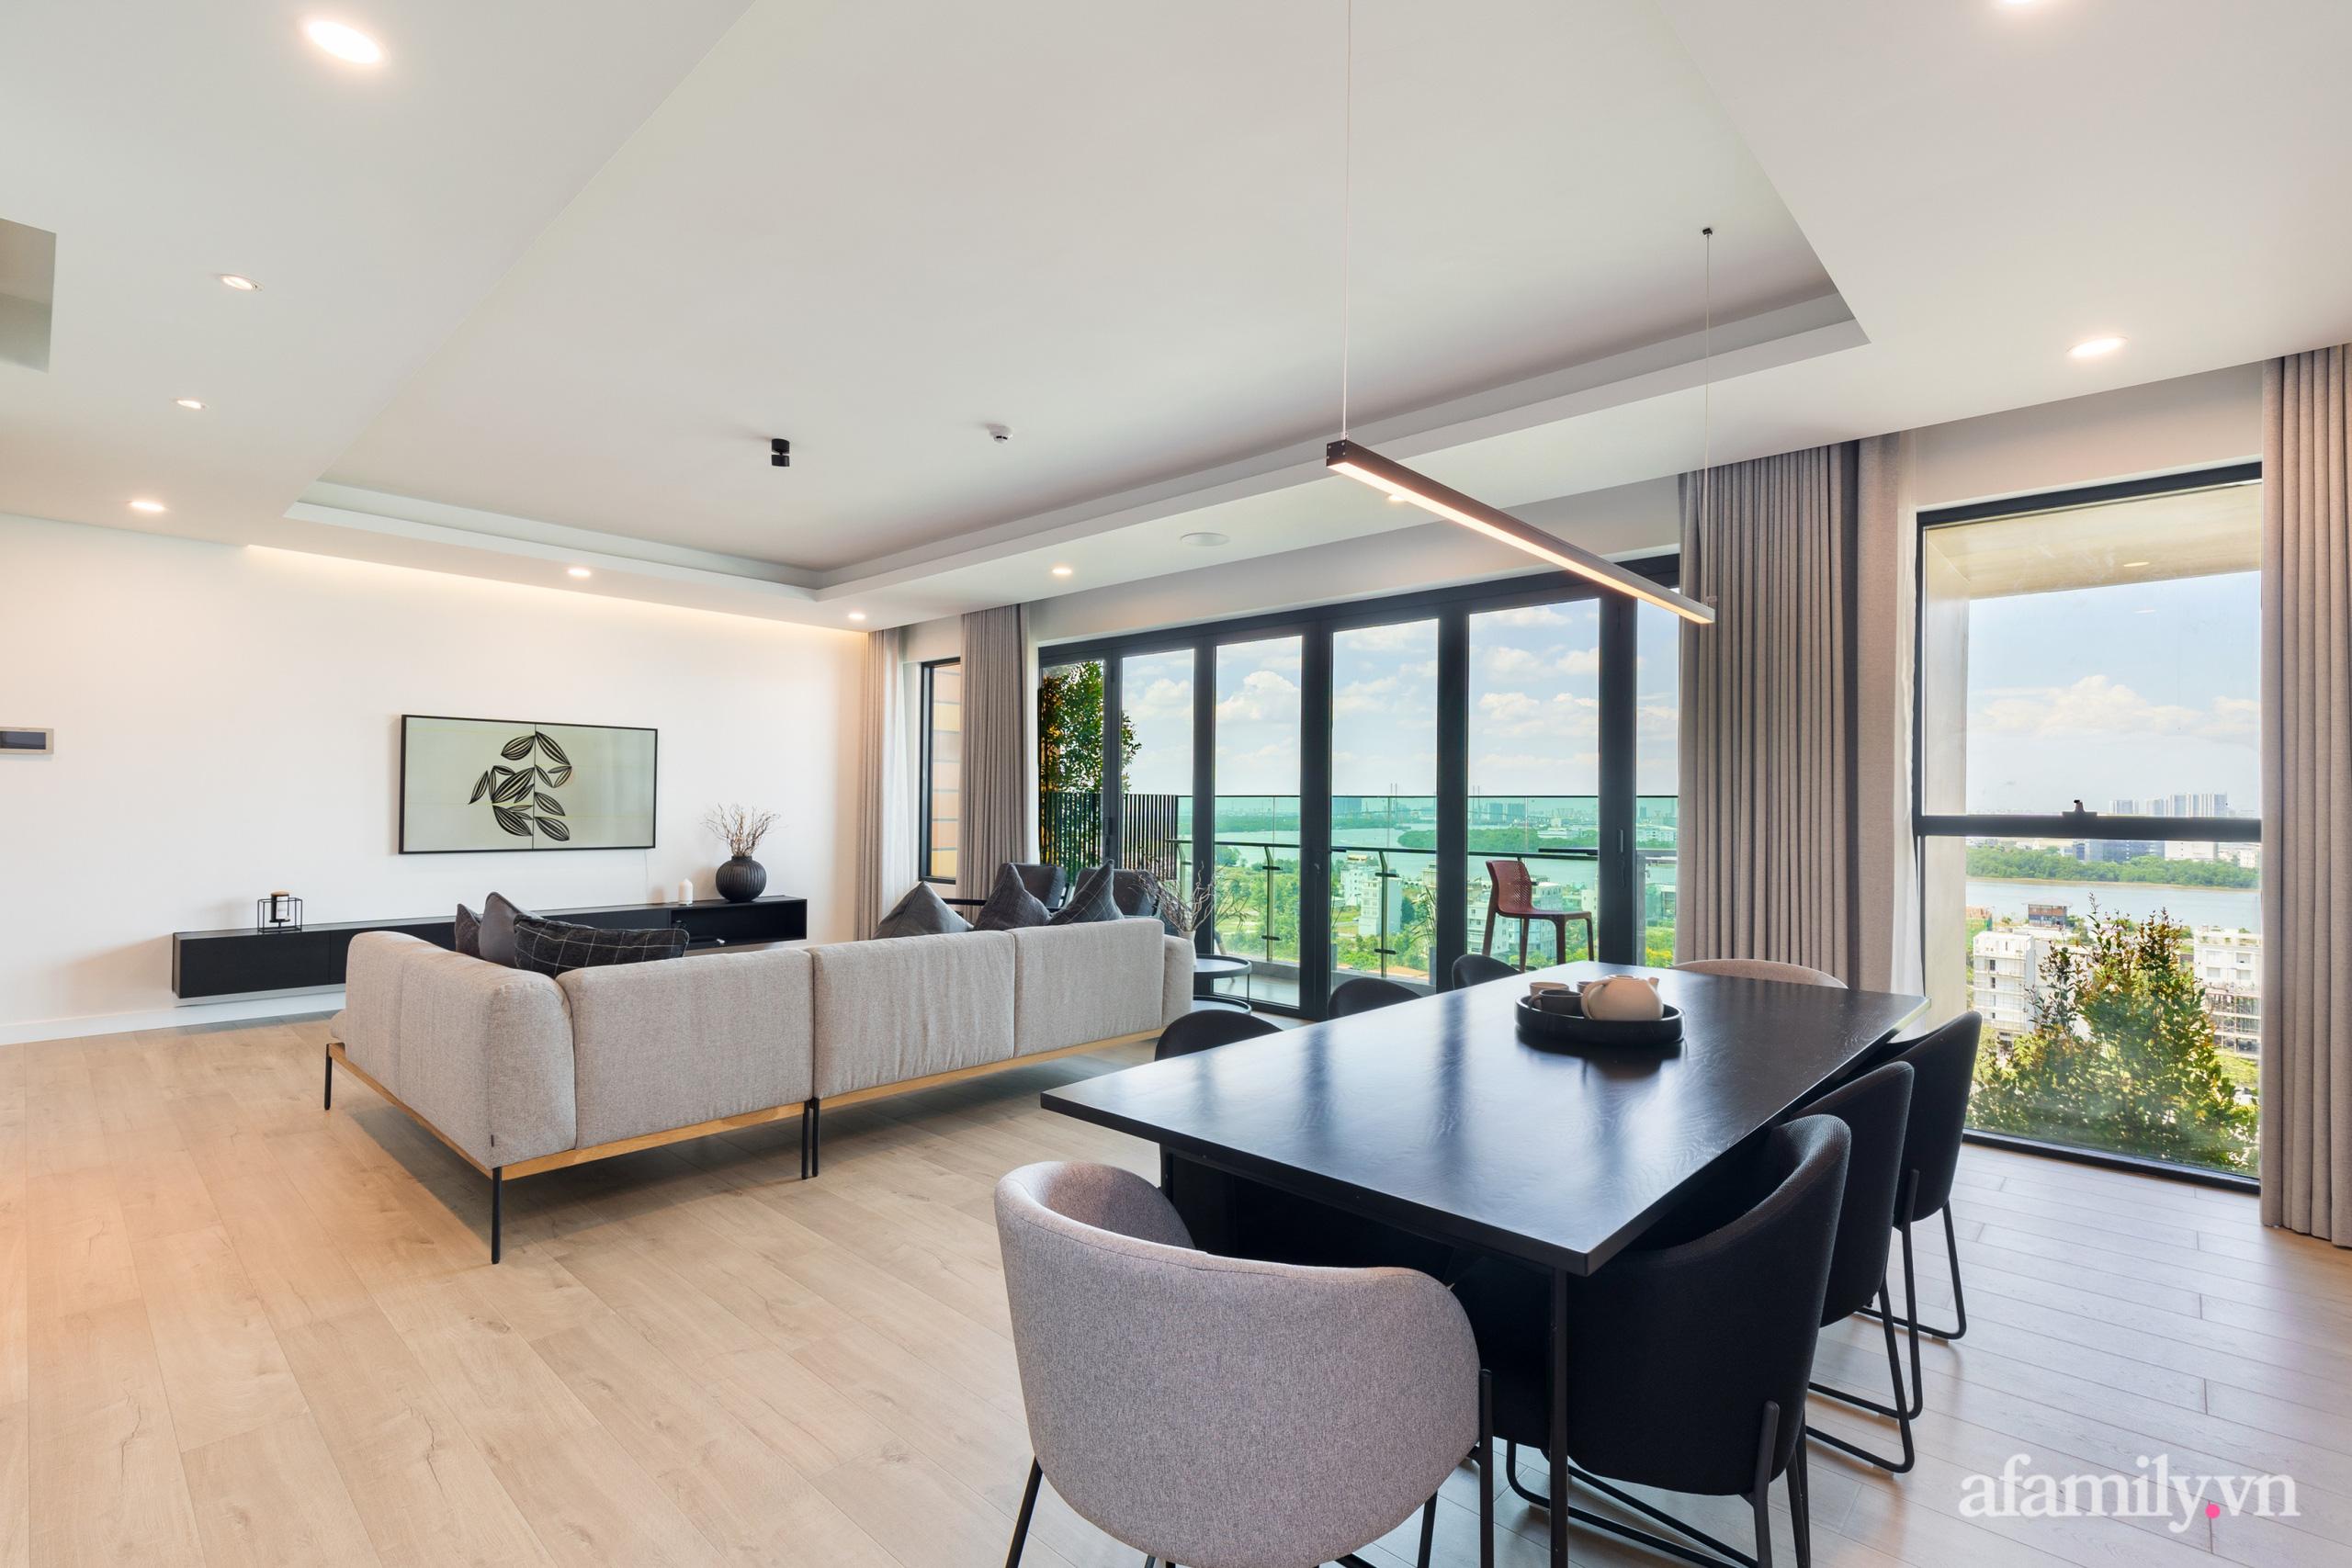 Căn hộ 216m² đẹp sang trọng và hiện đại thu trọn vẻ đẹp quận 2 Sài Gòn trong tầm mắt nhờ phong cách Minimalism - Ảnh 8.